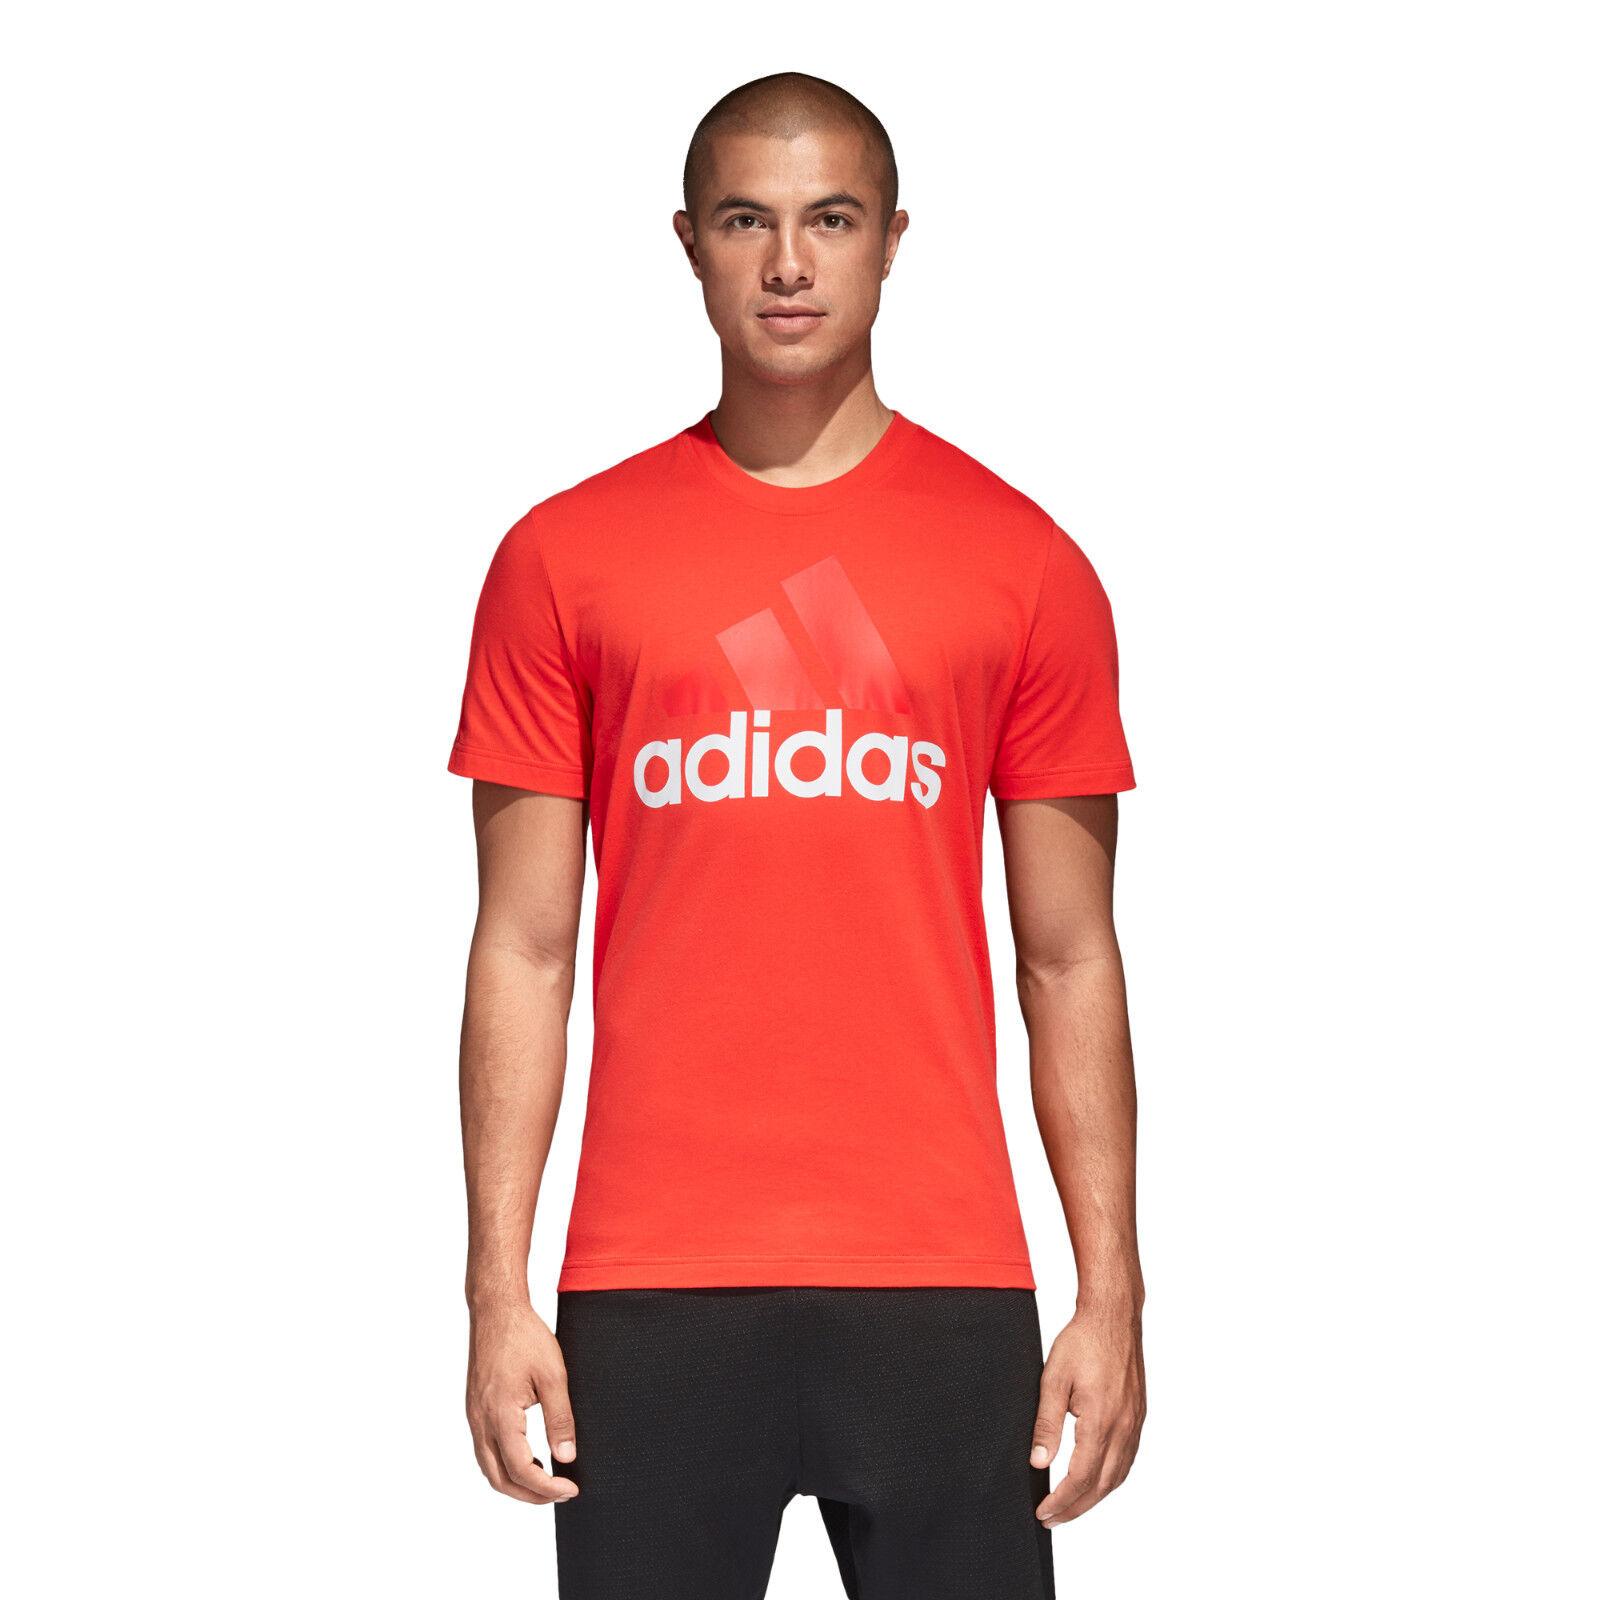 Adidas Men Tshirt Leichtathletik Essentials T-Shirt Laufsport Fitnessstudio CE1926